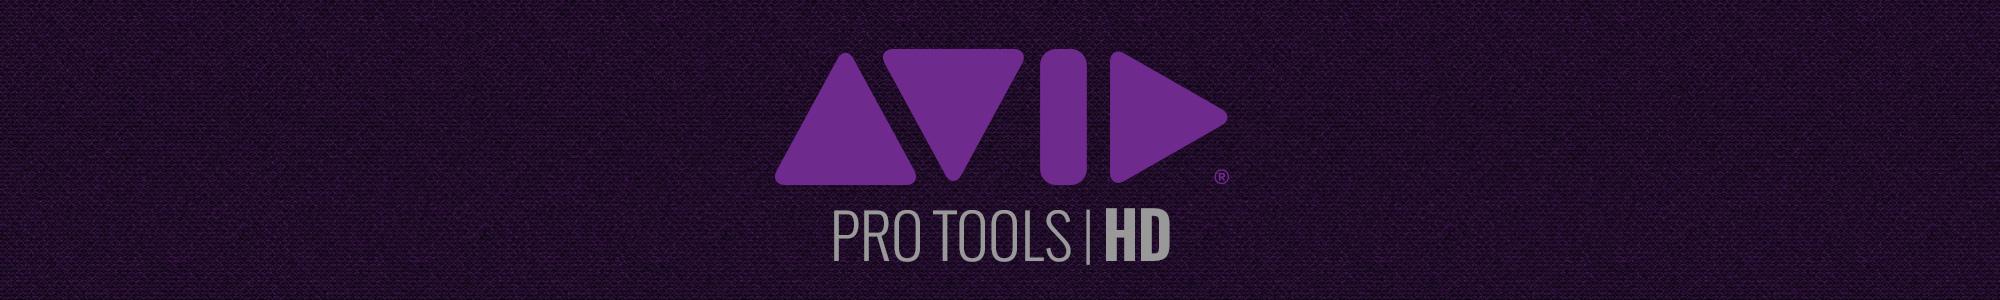 Avid Pro Tools | HDX